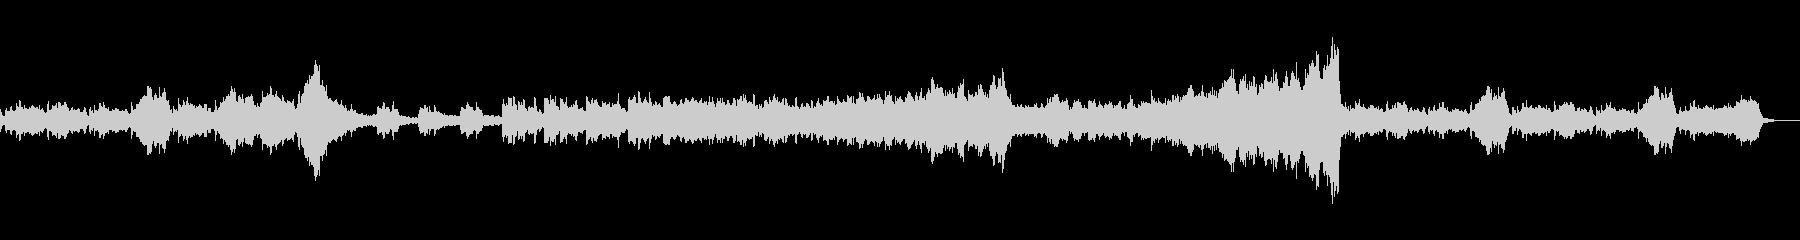 幻想的・アンビエント的なオーケストラ曲の未再生の波形